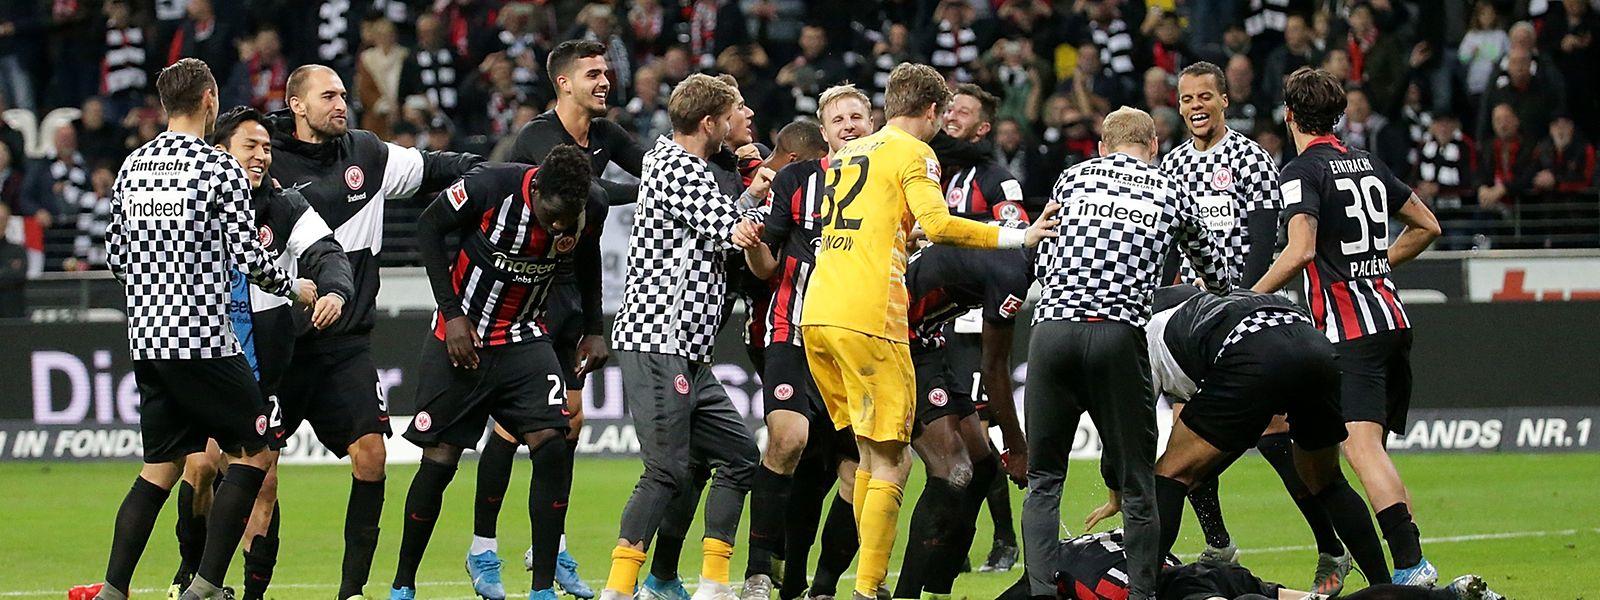 Die Frankfurter Mannschaft jubelt über ihren Sieg.